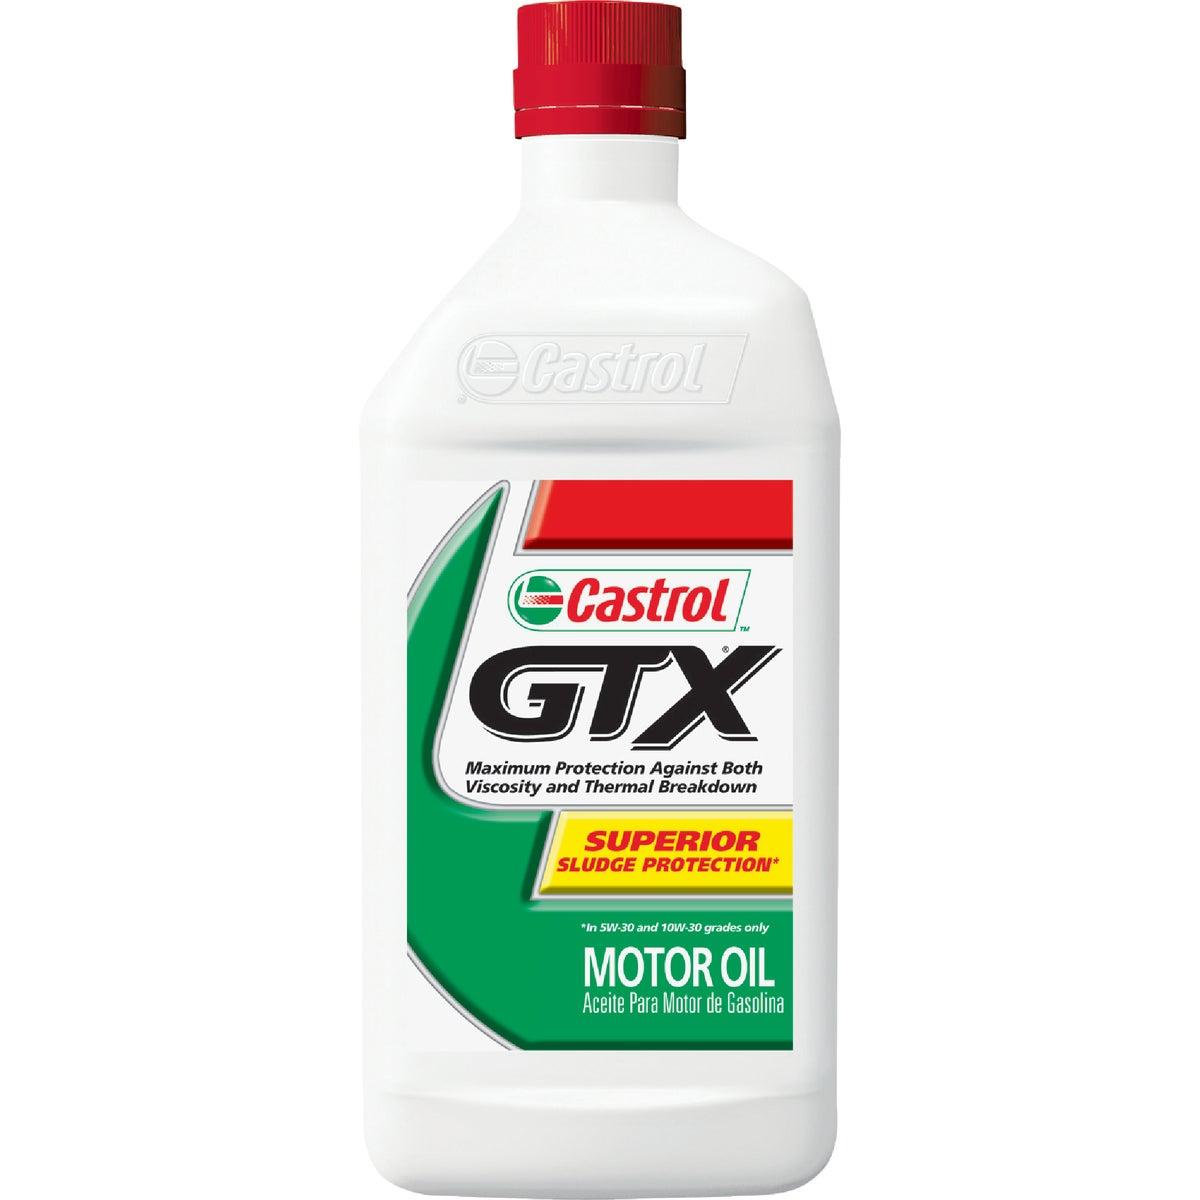 CASTROL 20W50 MOTOR OIL